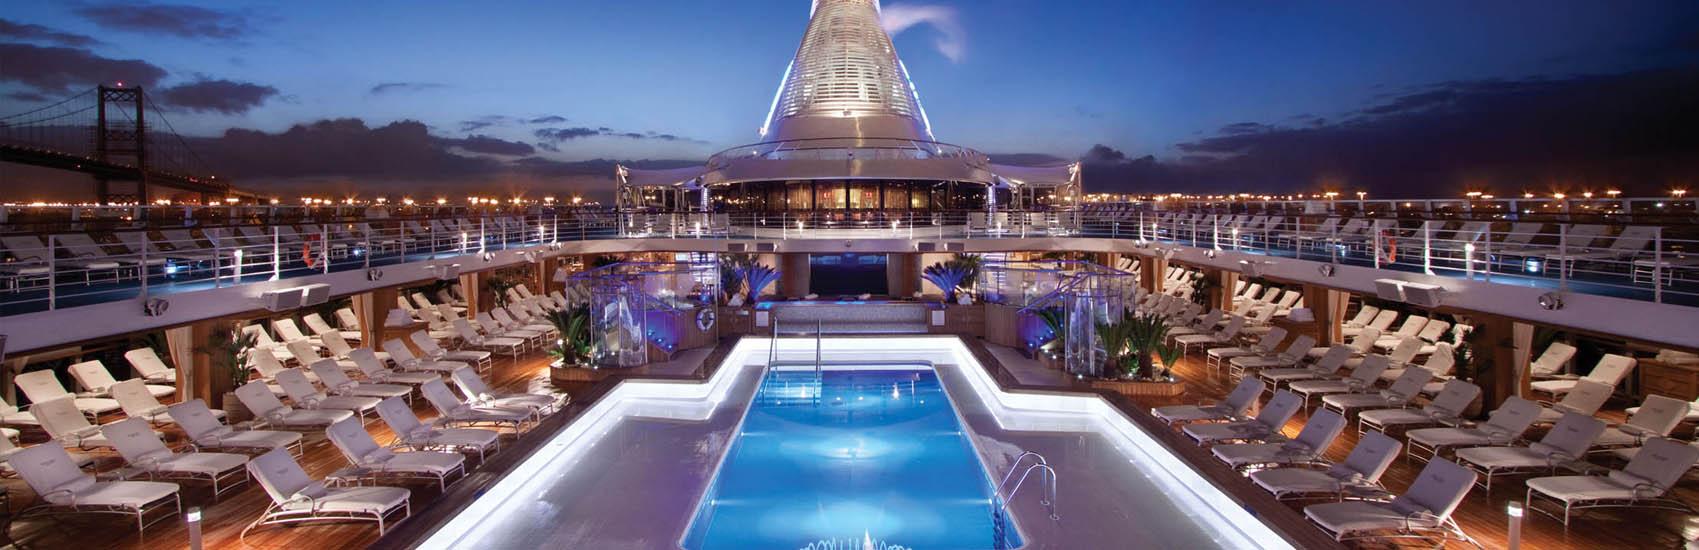 Les résidents canadiens économisent 10 % sur certains voyages Oceania Cruises 2